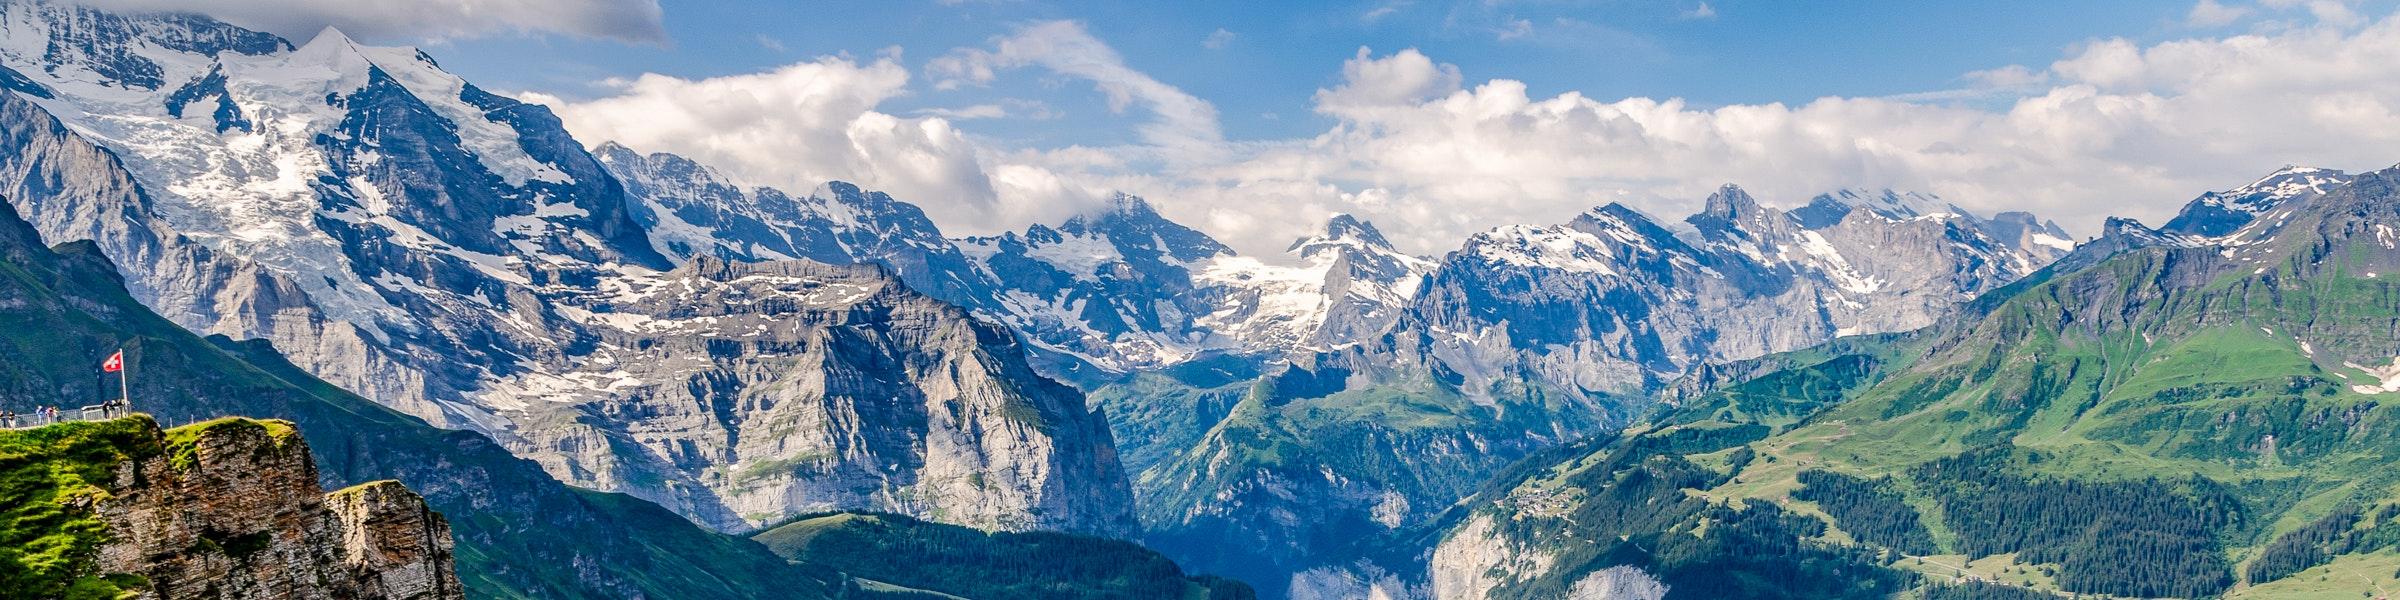 Jungfrau, Silberhorn, Breithorn from Männlichen